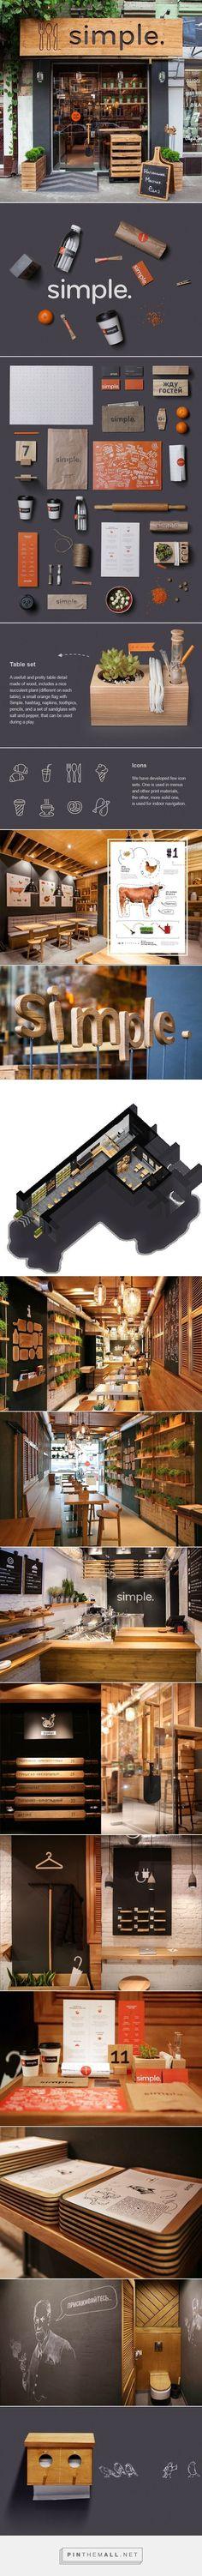 Horeca #branddesign #totaalconcept                                                                                                                                                                                 More